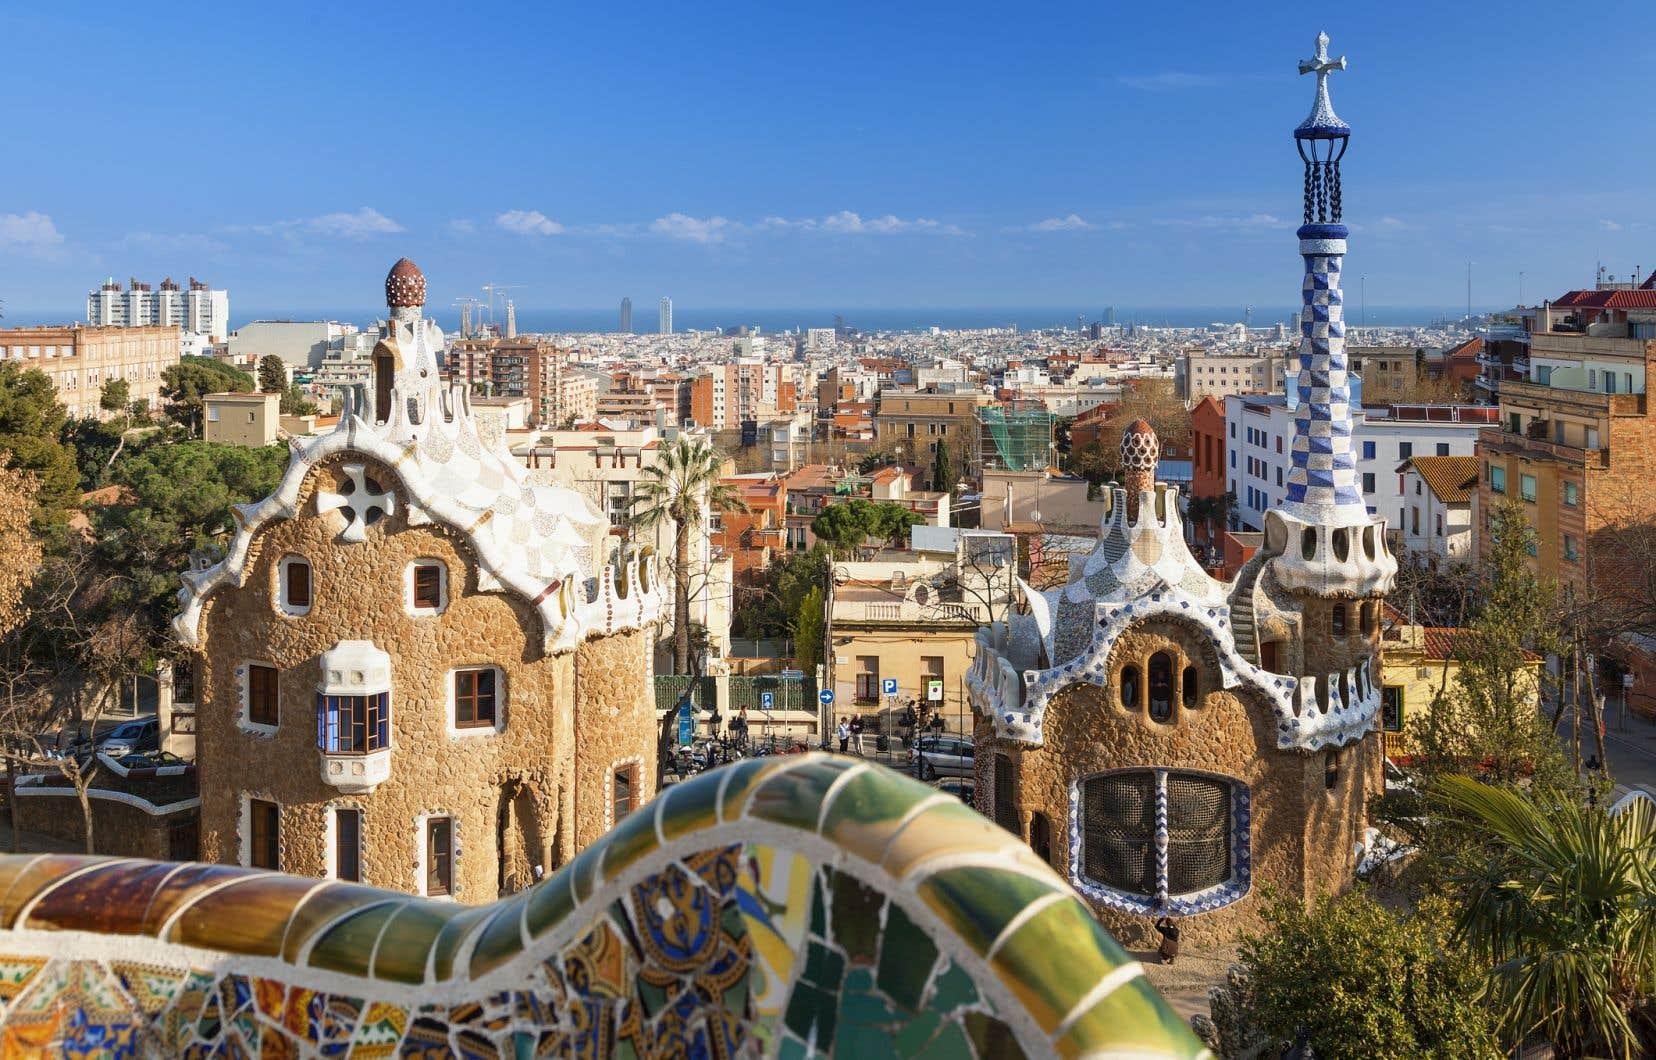 Avec cette courte glissade dans Barcelone, c'est aussi le terrain de sa propre jeunesse que revisite Mathieu David dans ce premier livre.